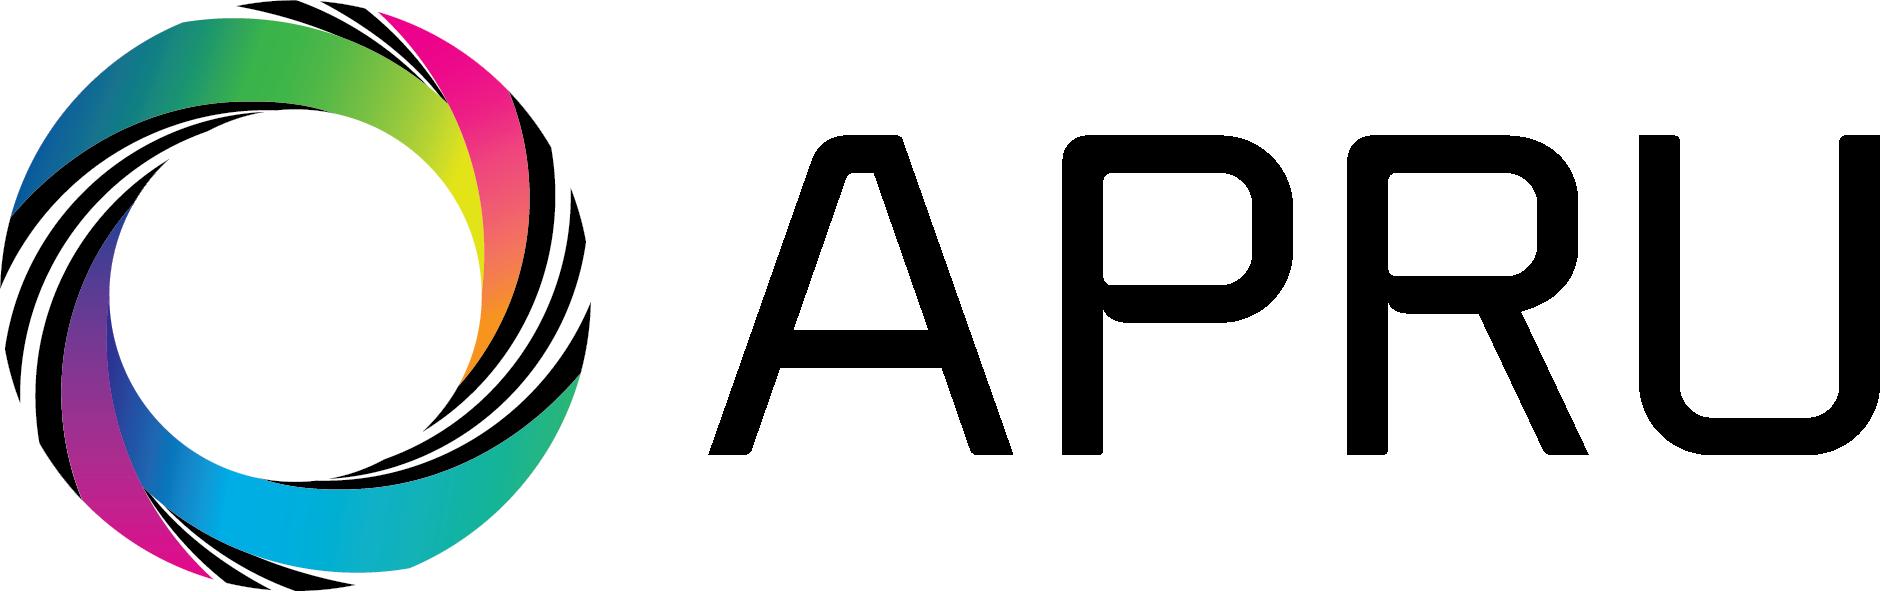 Association of Pacific Rim Universities (APRU)